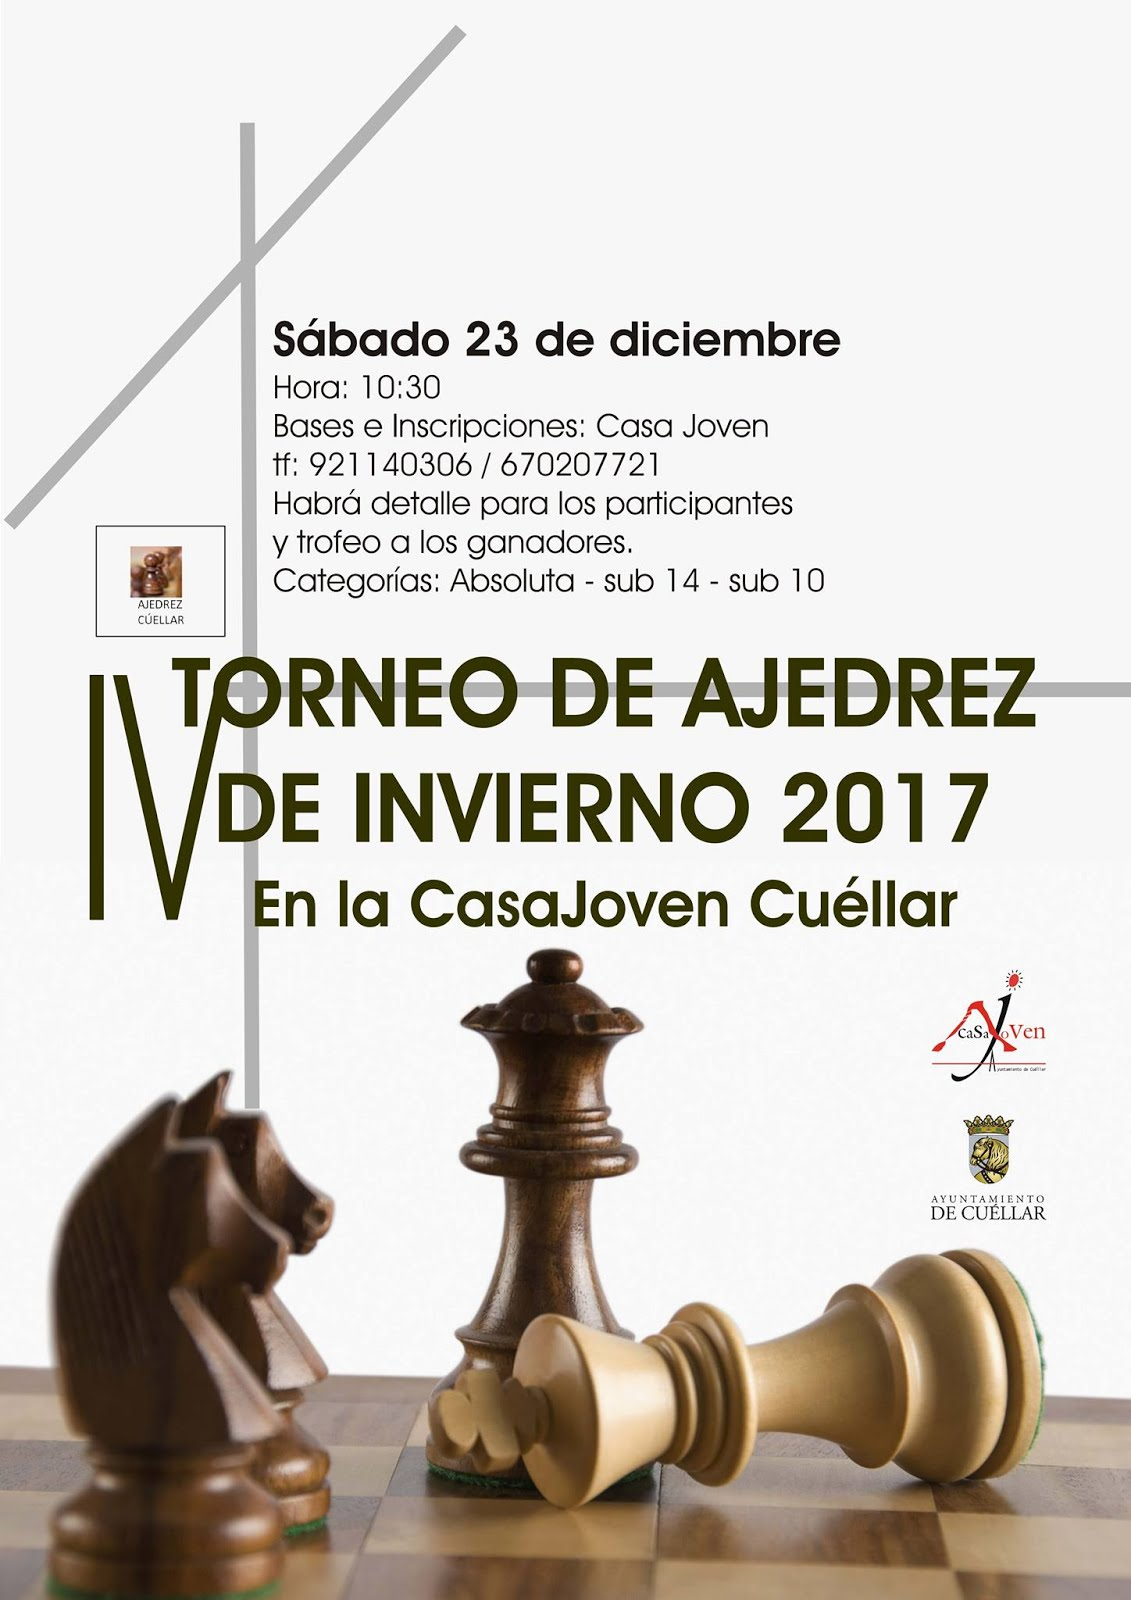 IV Torneo de Ajedrez de Invierno